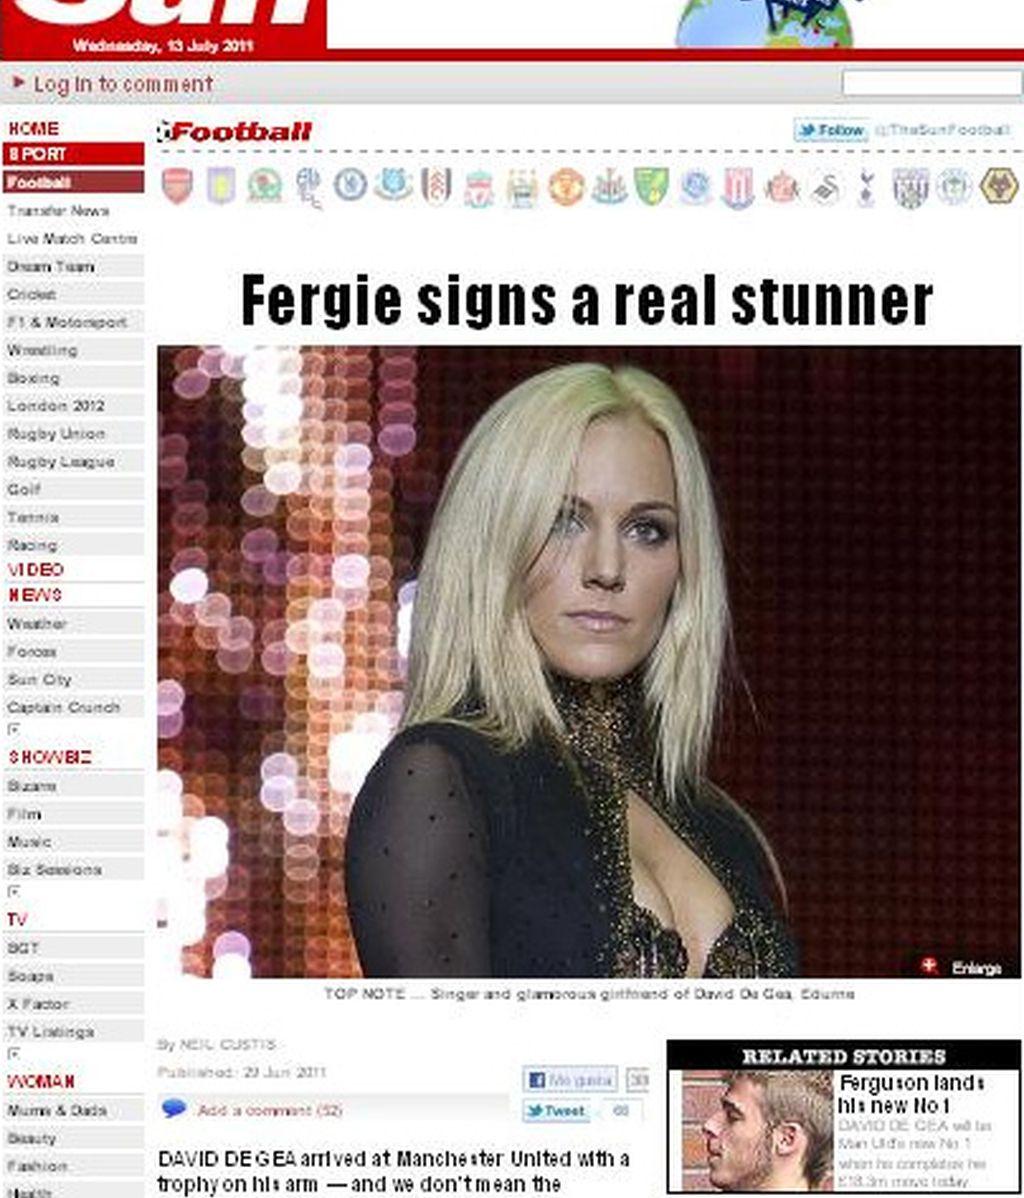 La novia de De Gea conquista los tabloides británicos